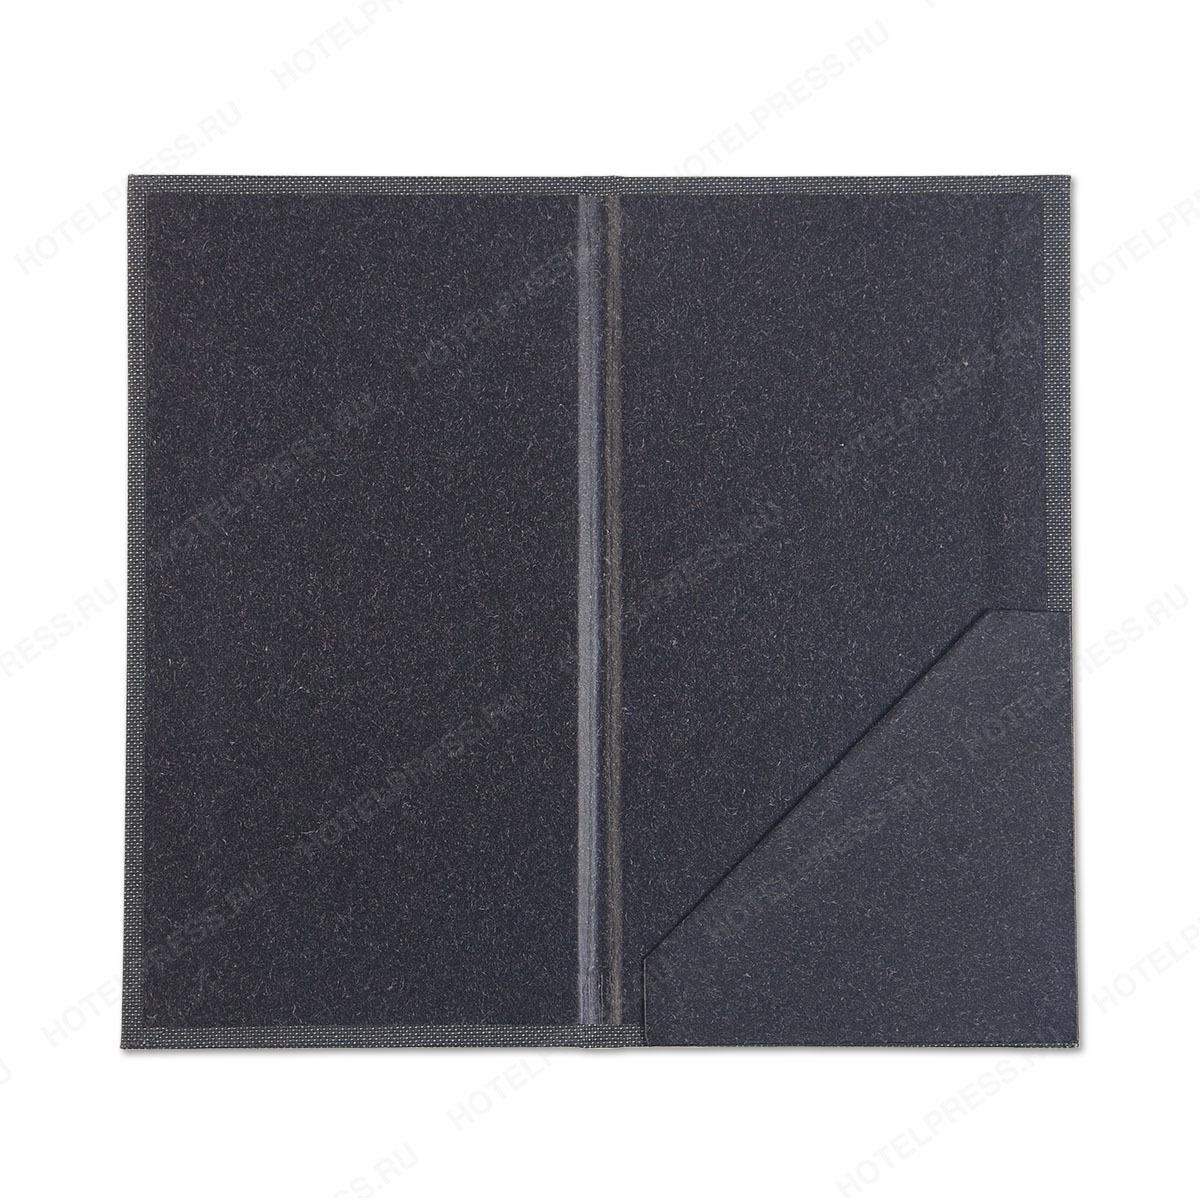 Папка для пречека из комбинации ткани и Кеперы на внутреннем лайнере